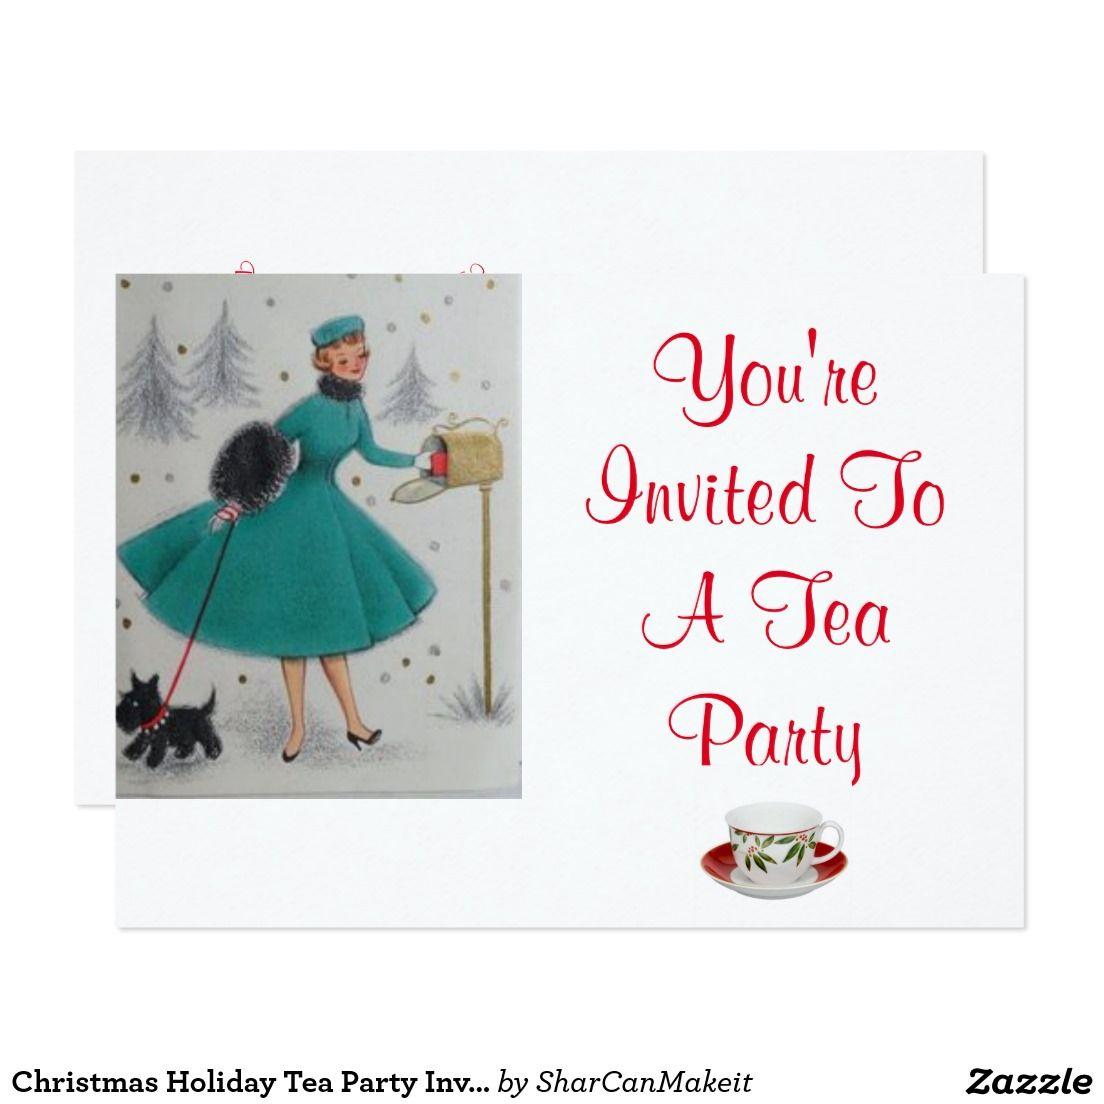 Christmas Holiday Tea Party Invitation | Tea party invitations, Tea ...